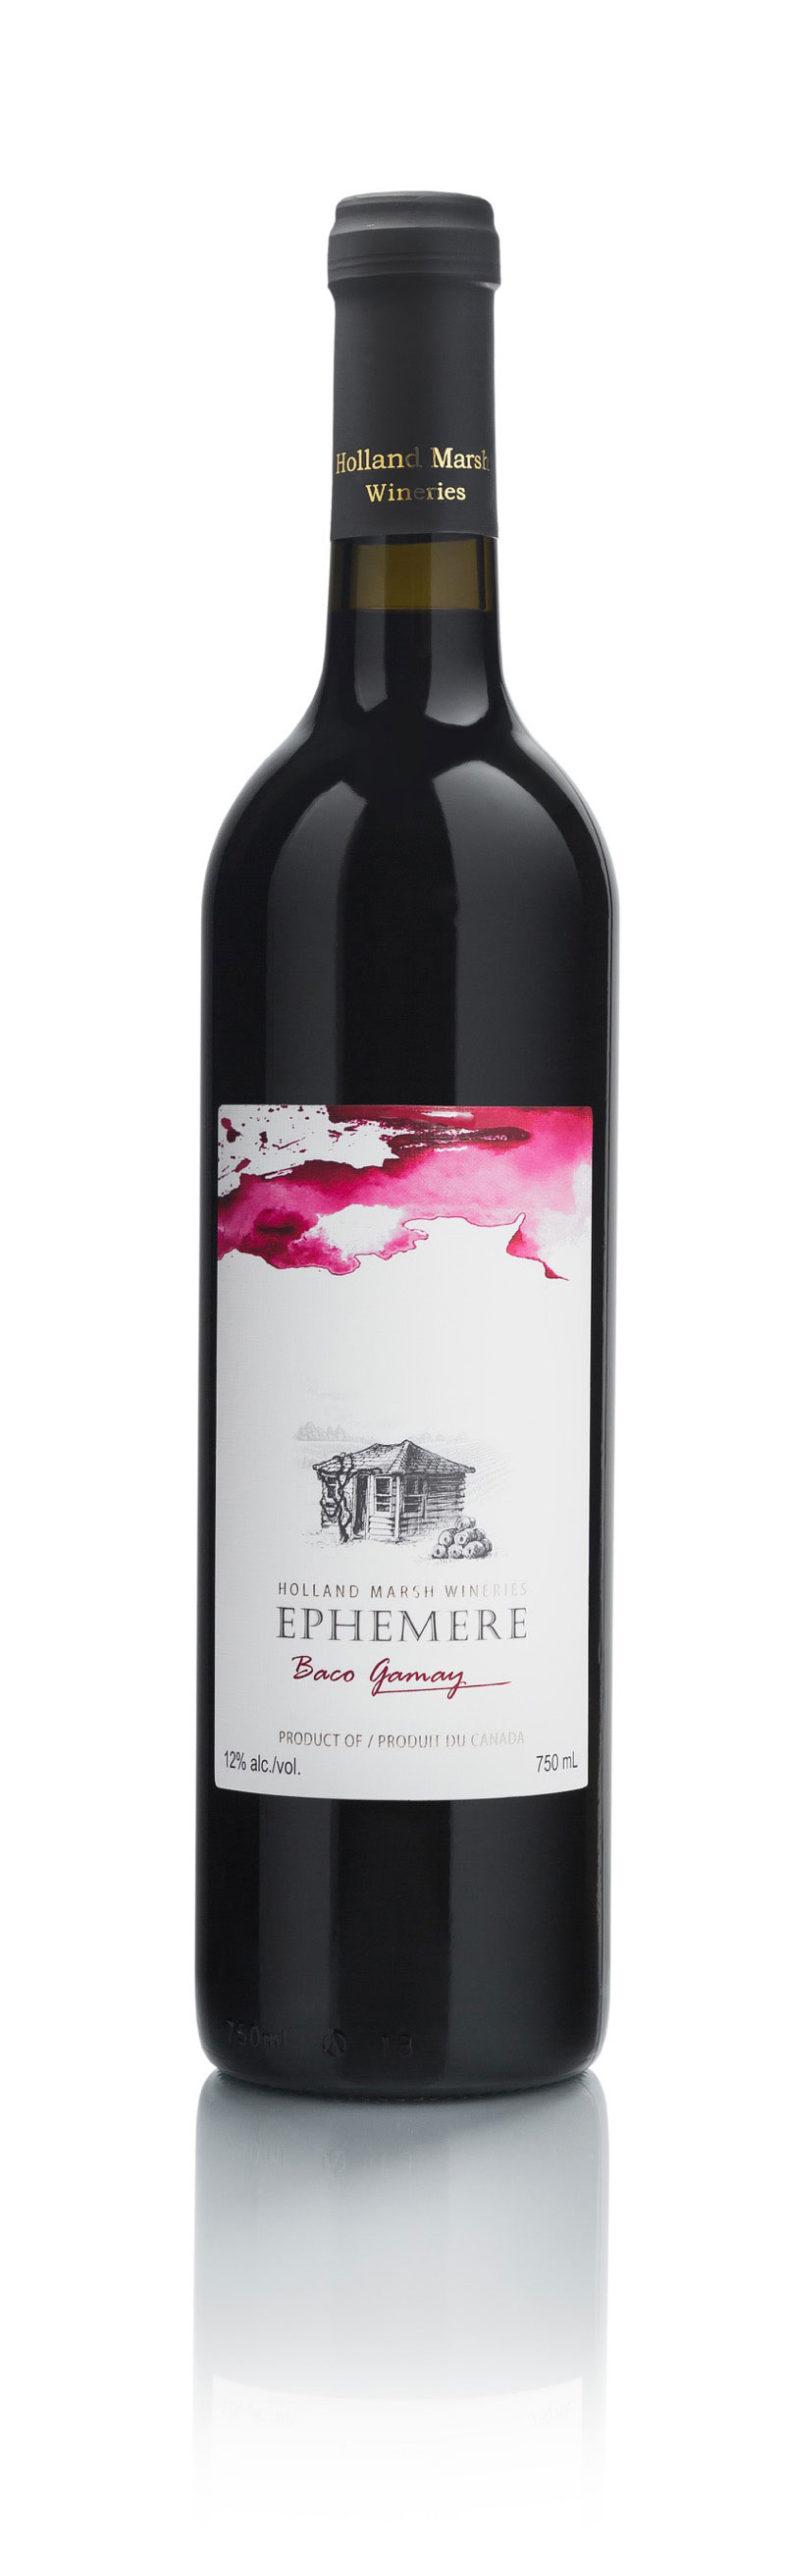 Holland Marsh Winery - 2015 Ephemere Baco Gamay